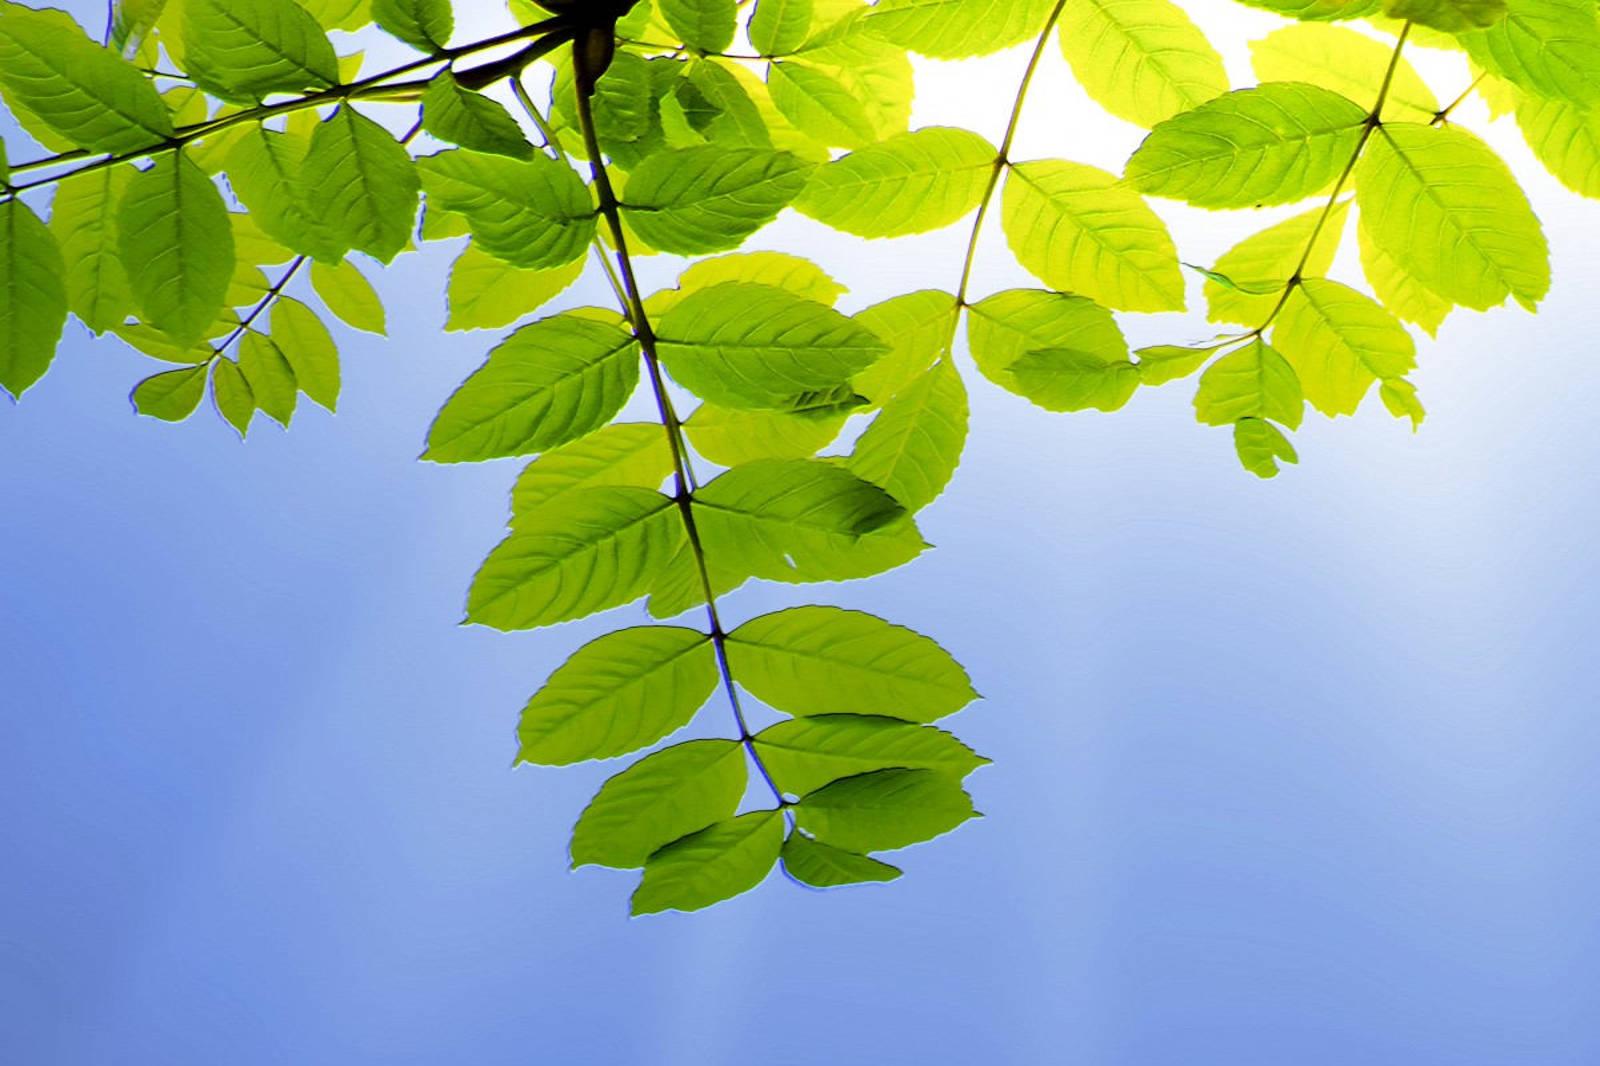 foglie-verdi-sole-aria-pulita.jpg